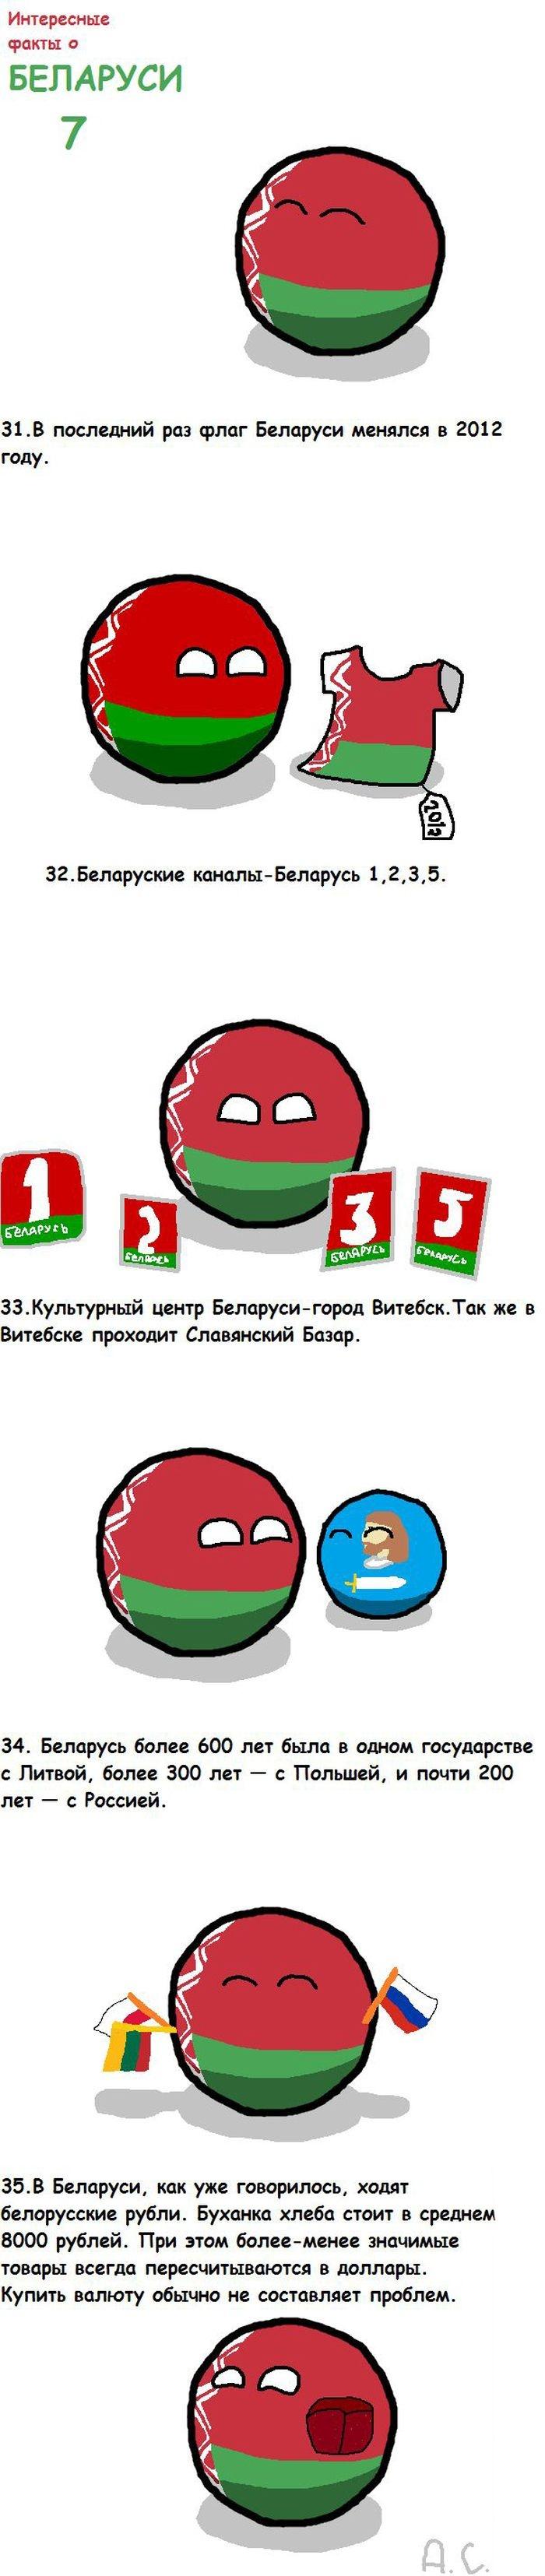 40 интересных фактов о Белоруссии